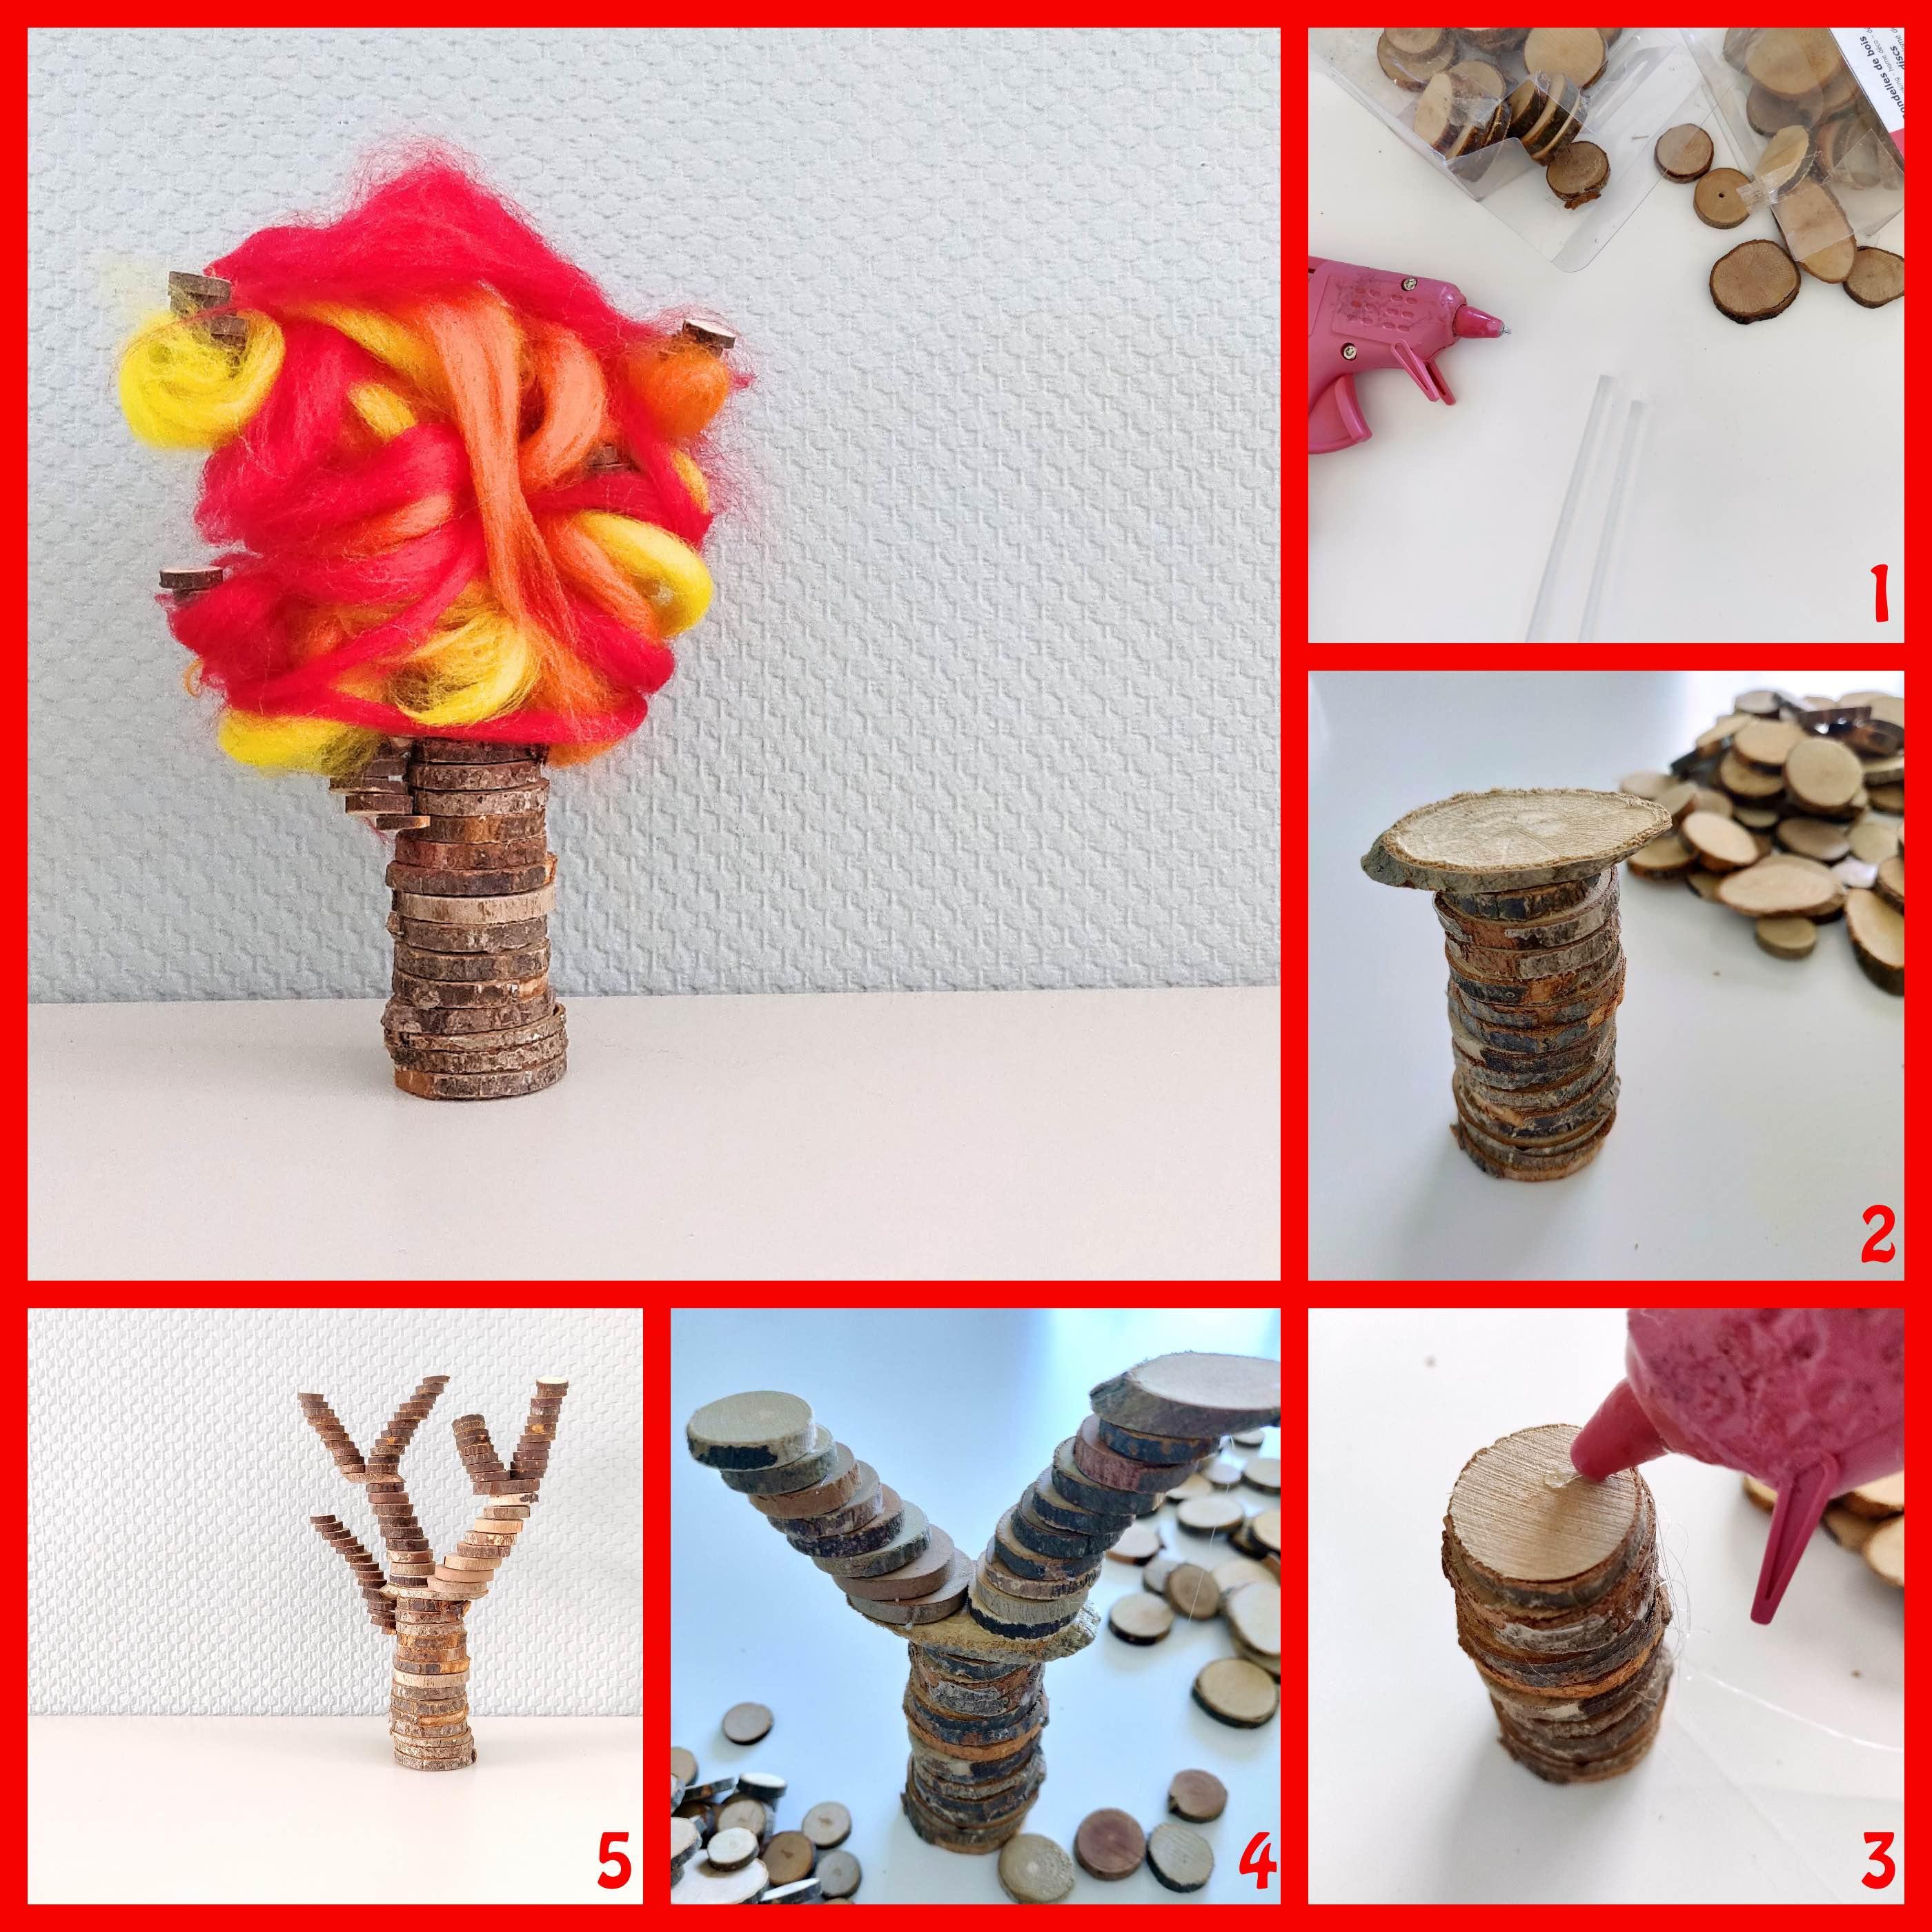 herfstboom knutselen van houtplakjes en vilt